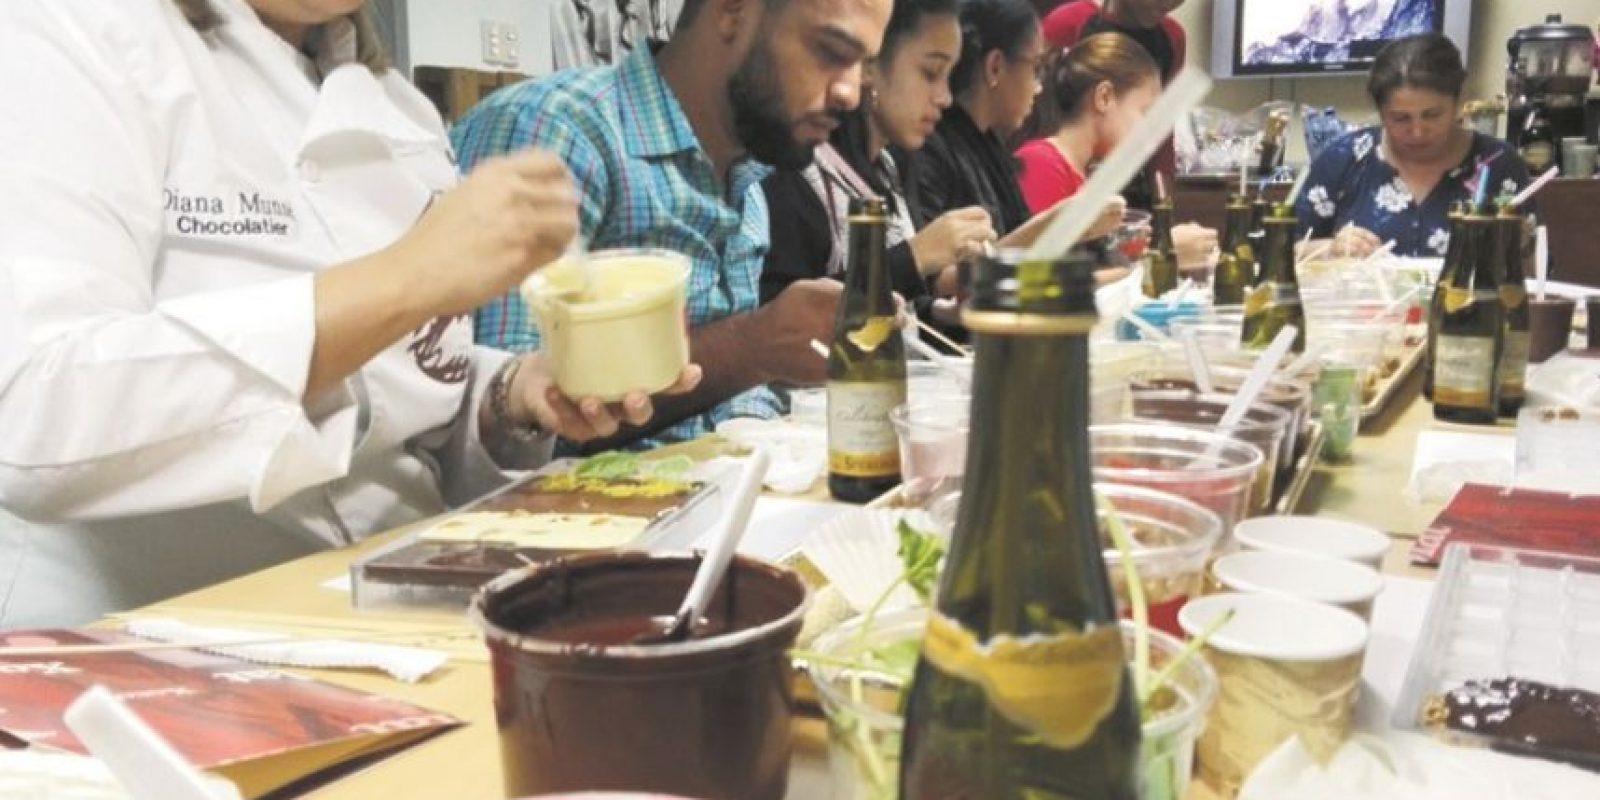 El programa incluye catas y talleres sobre las bondades y usos del cacao. Foto:FUENTE EXTERNA